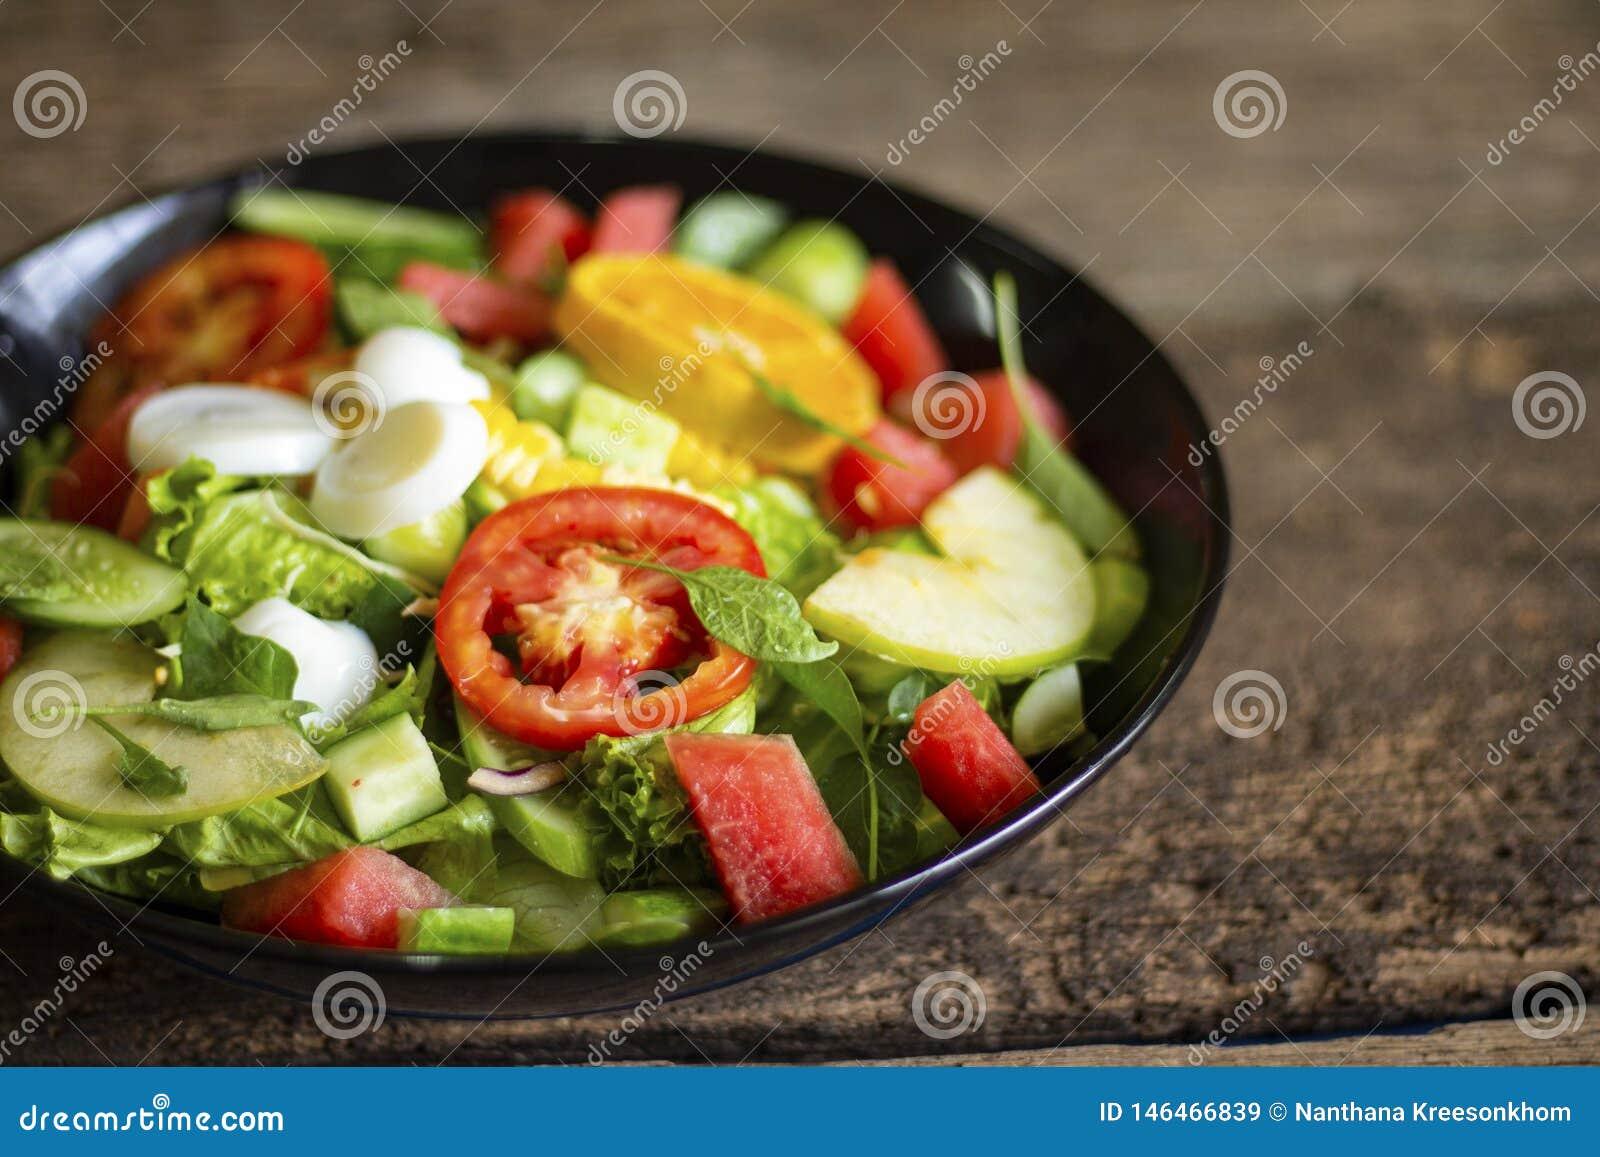 Plantaardige salade op een zwart van het het verliesconcept van het plaatgewicht Gezond voedsel